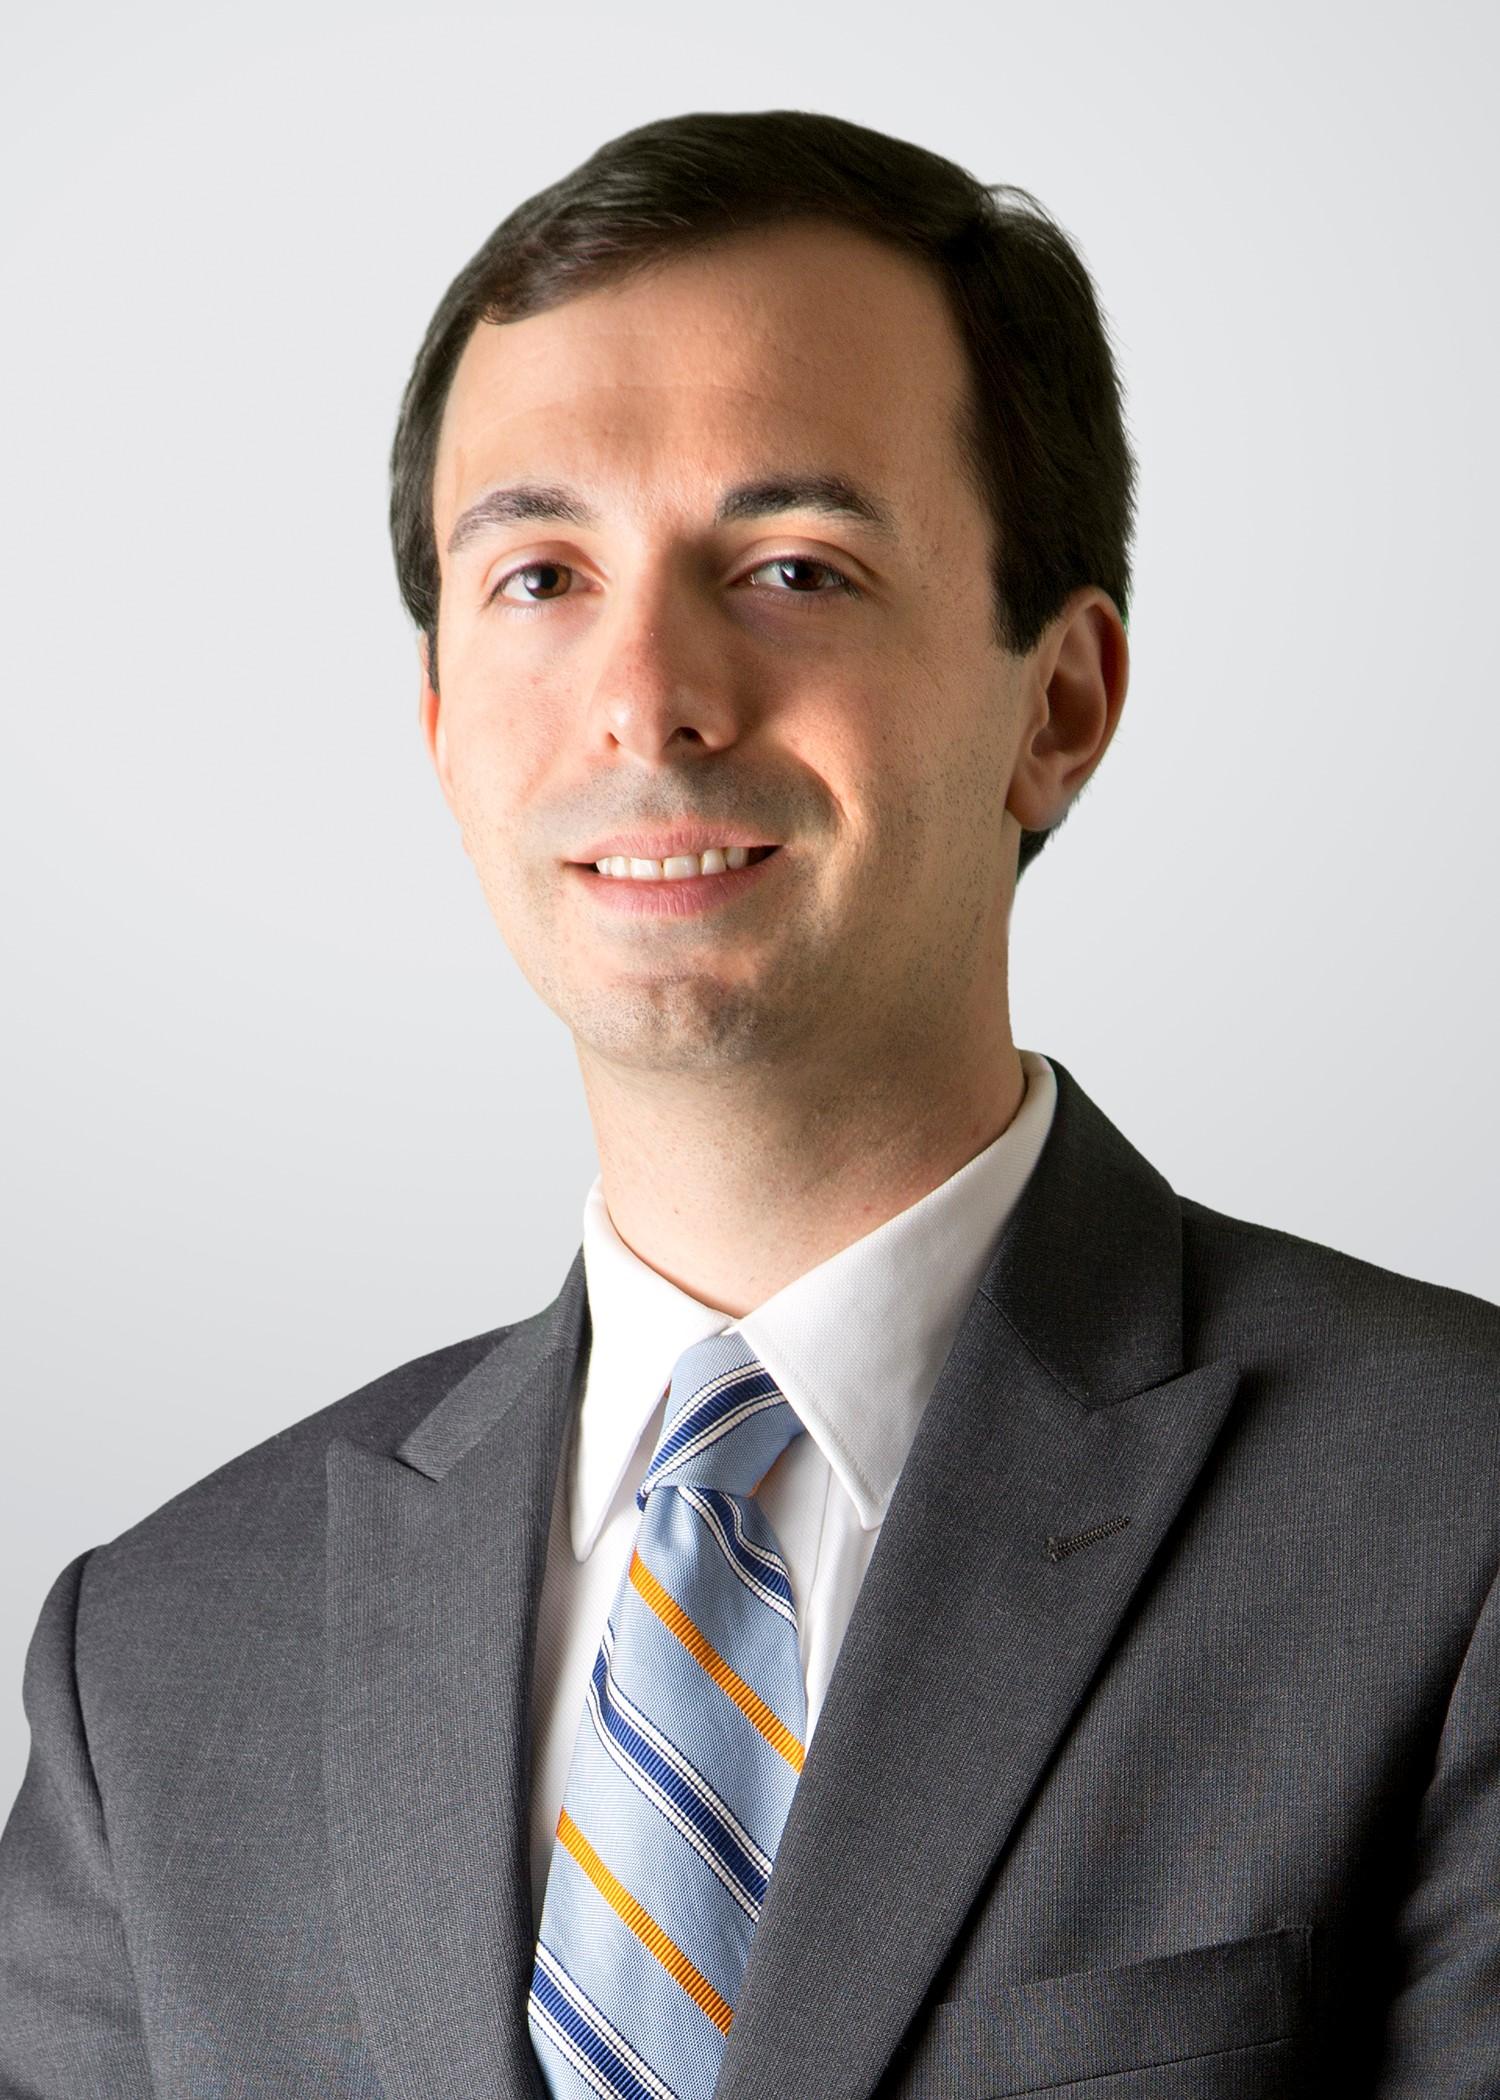 Robert Misulich